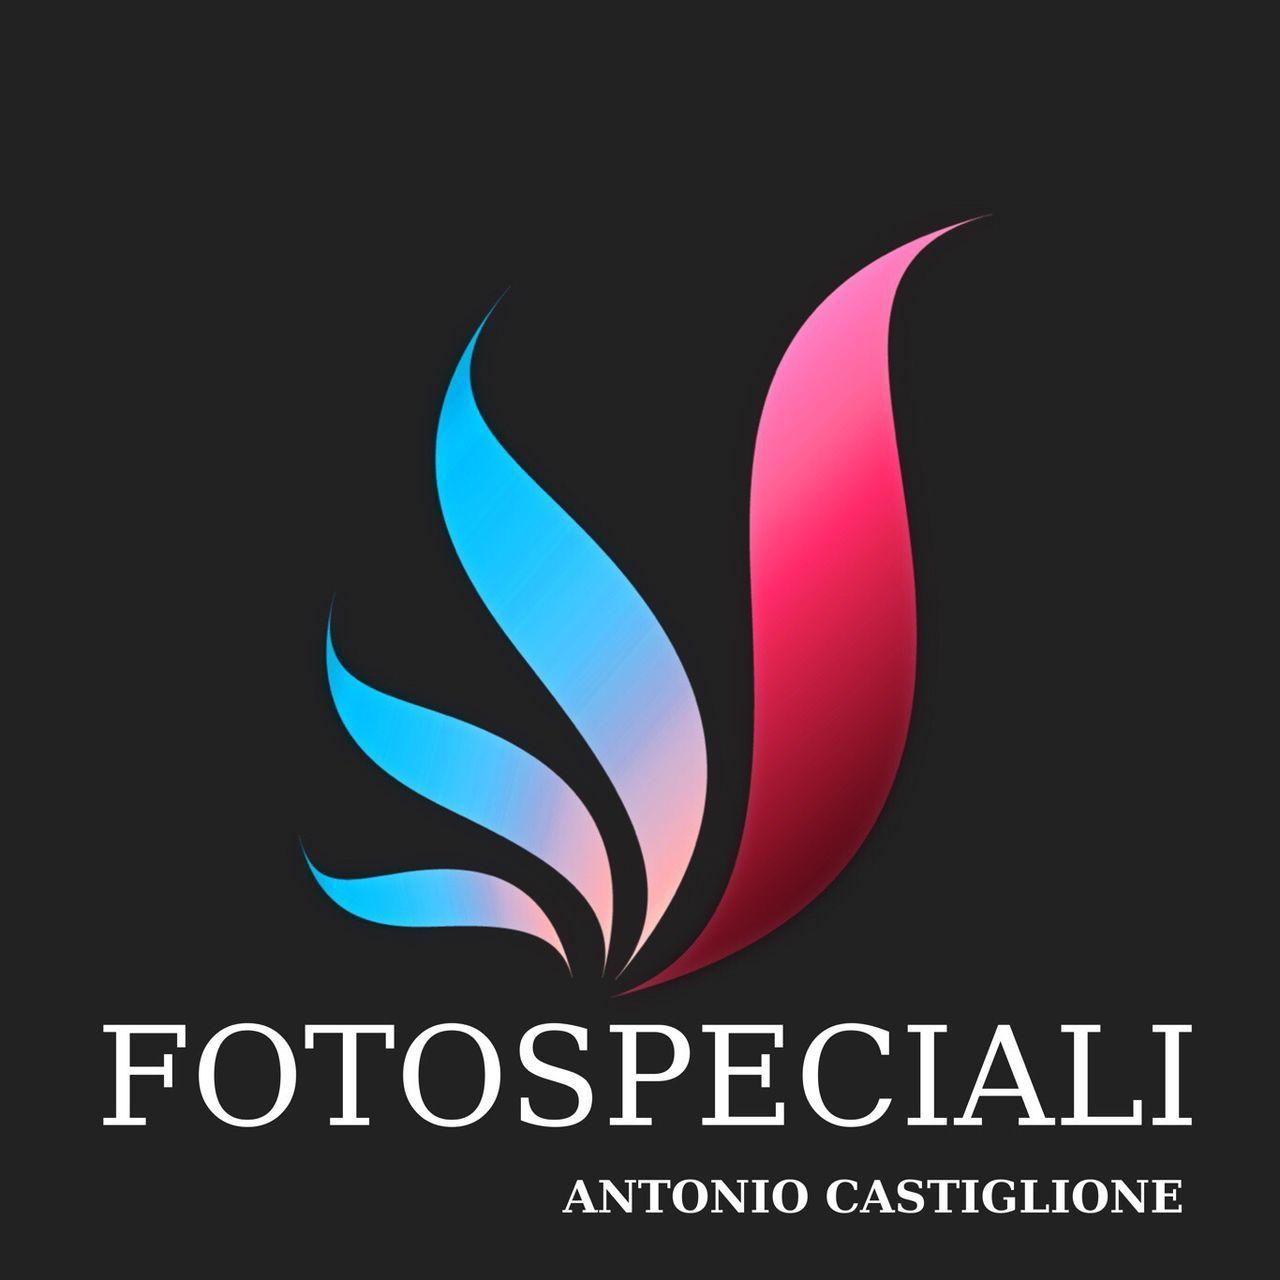 Antonio Castiglione